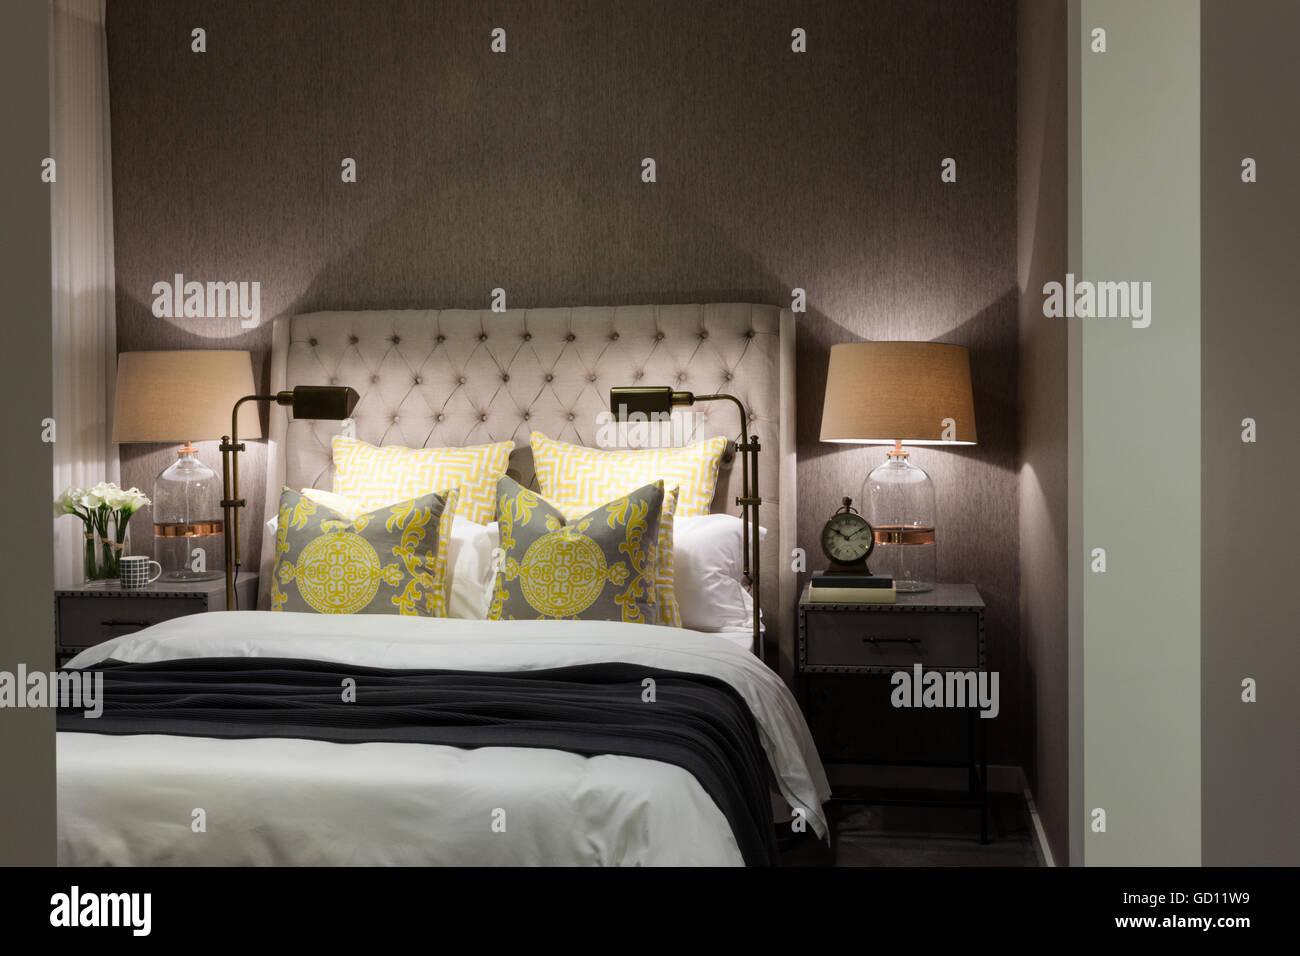 Luxus Schlafzimmer inklusive Kissen und Bettwäsche mit Tischleuchten ...